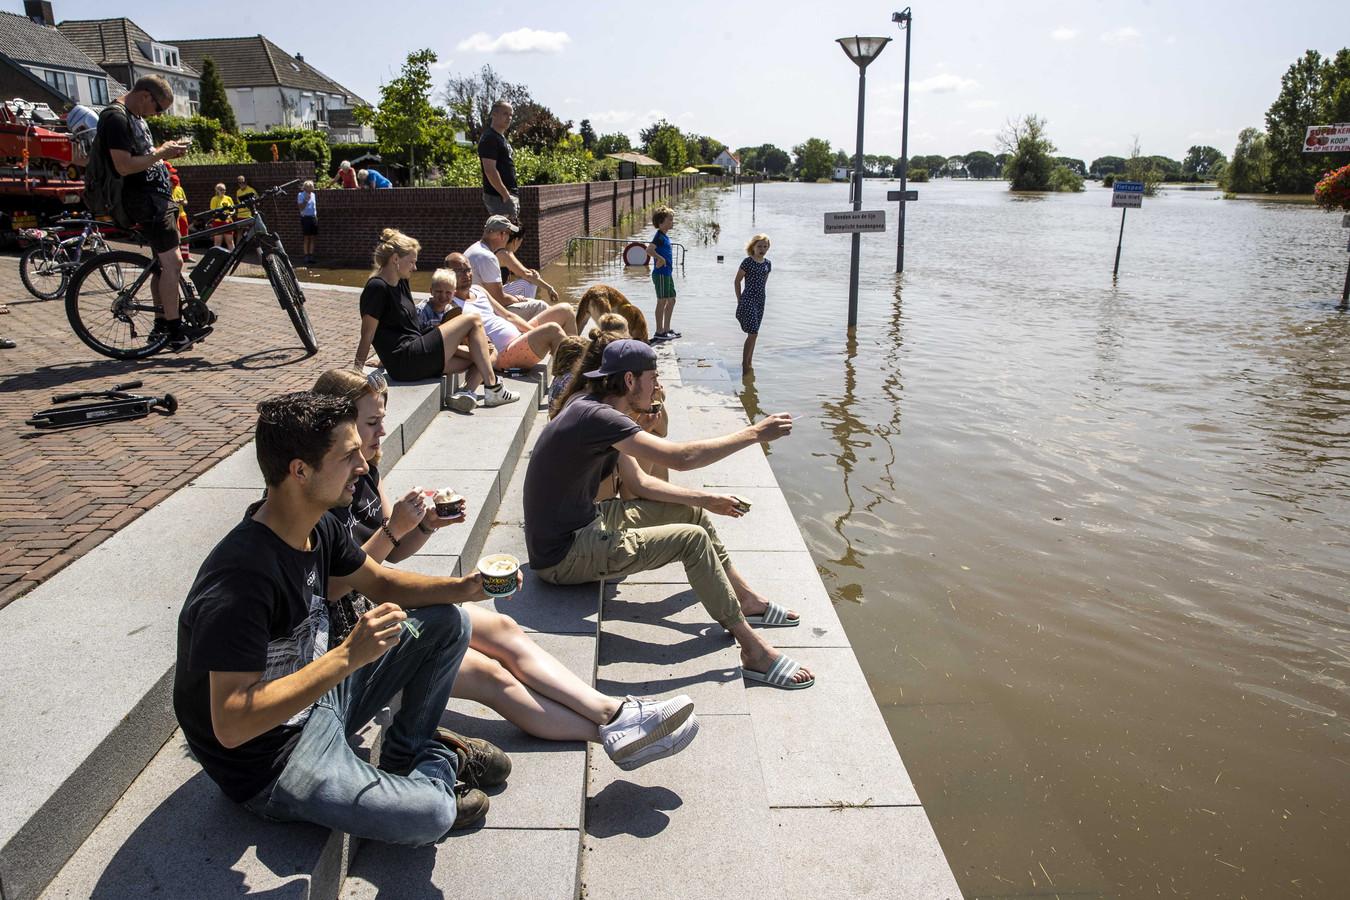 Toeschouwers kijken naar het hoge water van de Maas in het centrum van Mook.